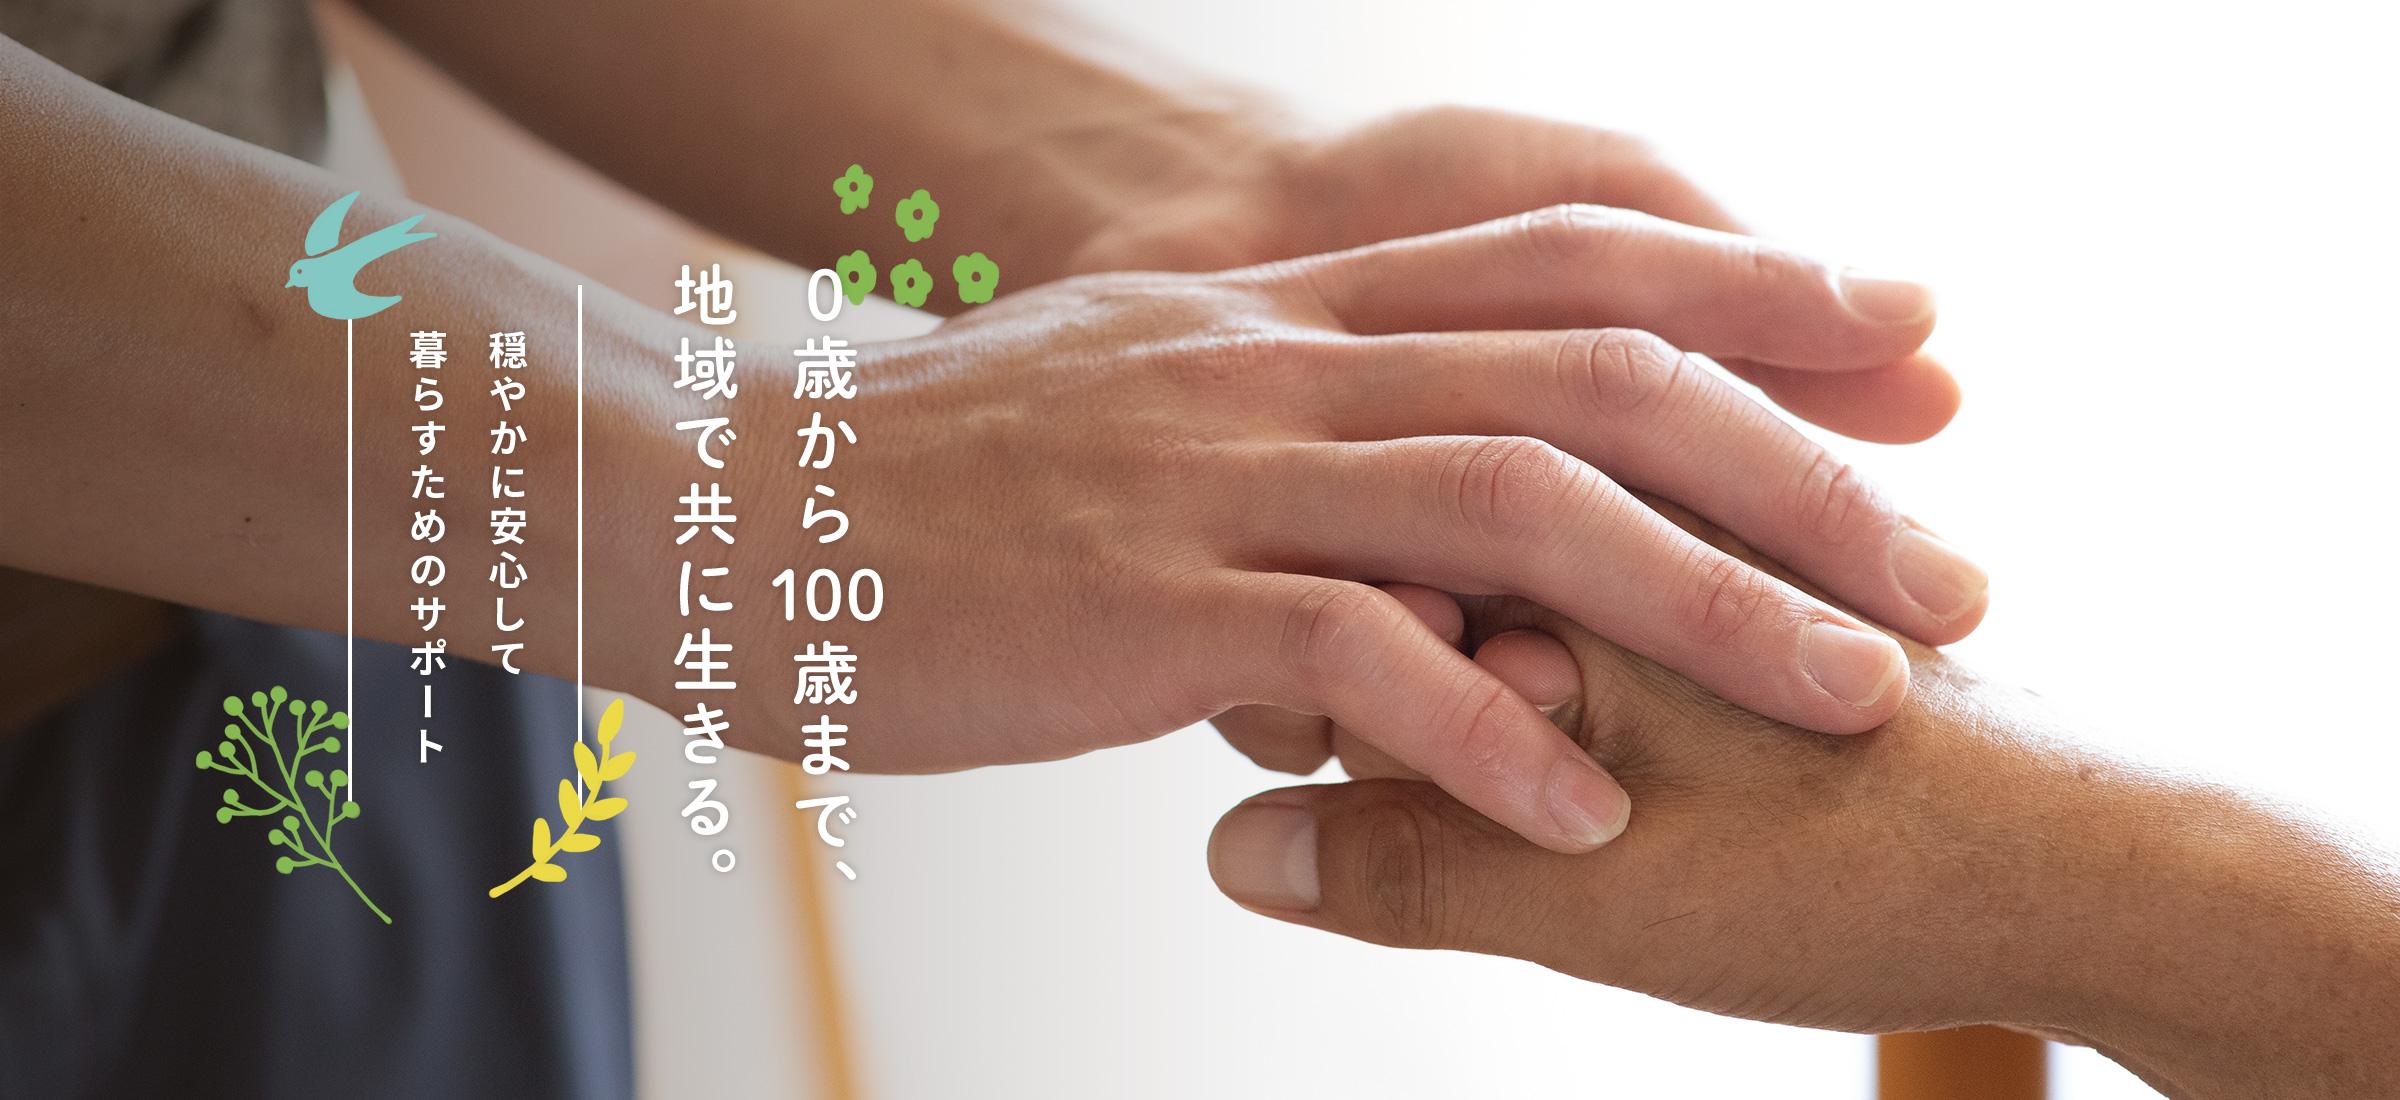 穏やかに安心して暮らすためのサポート 障がい者支援・高齢者支援 しちほうかい